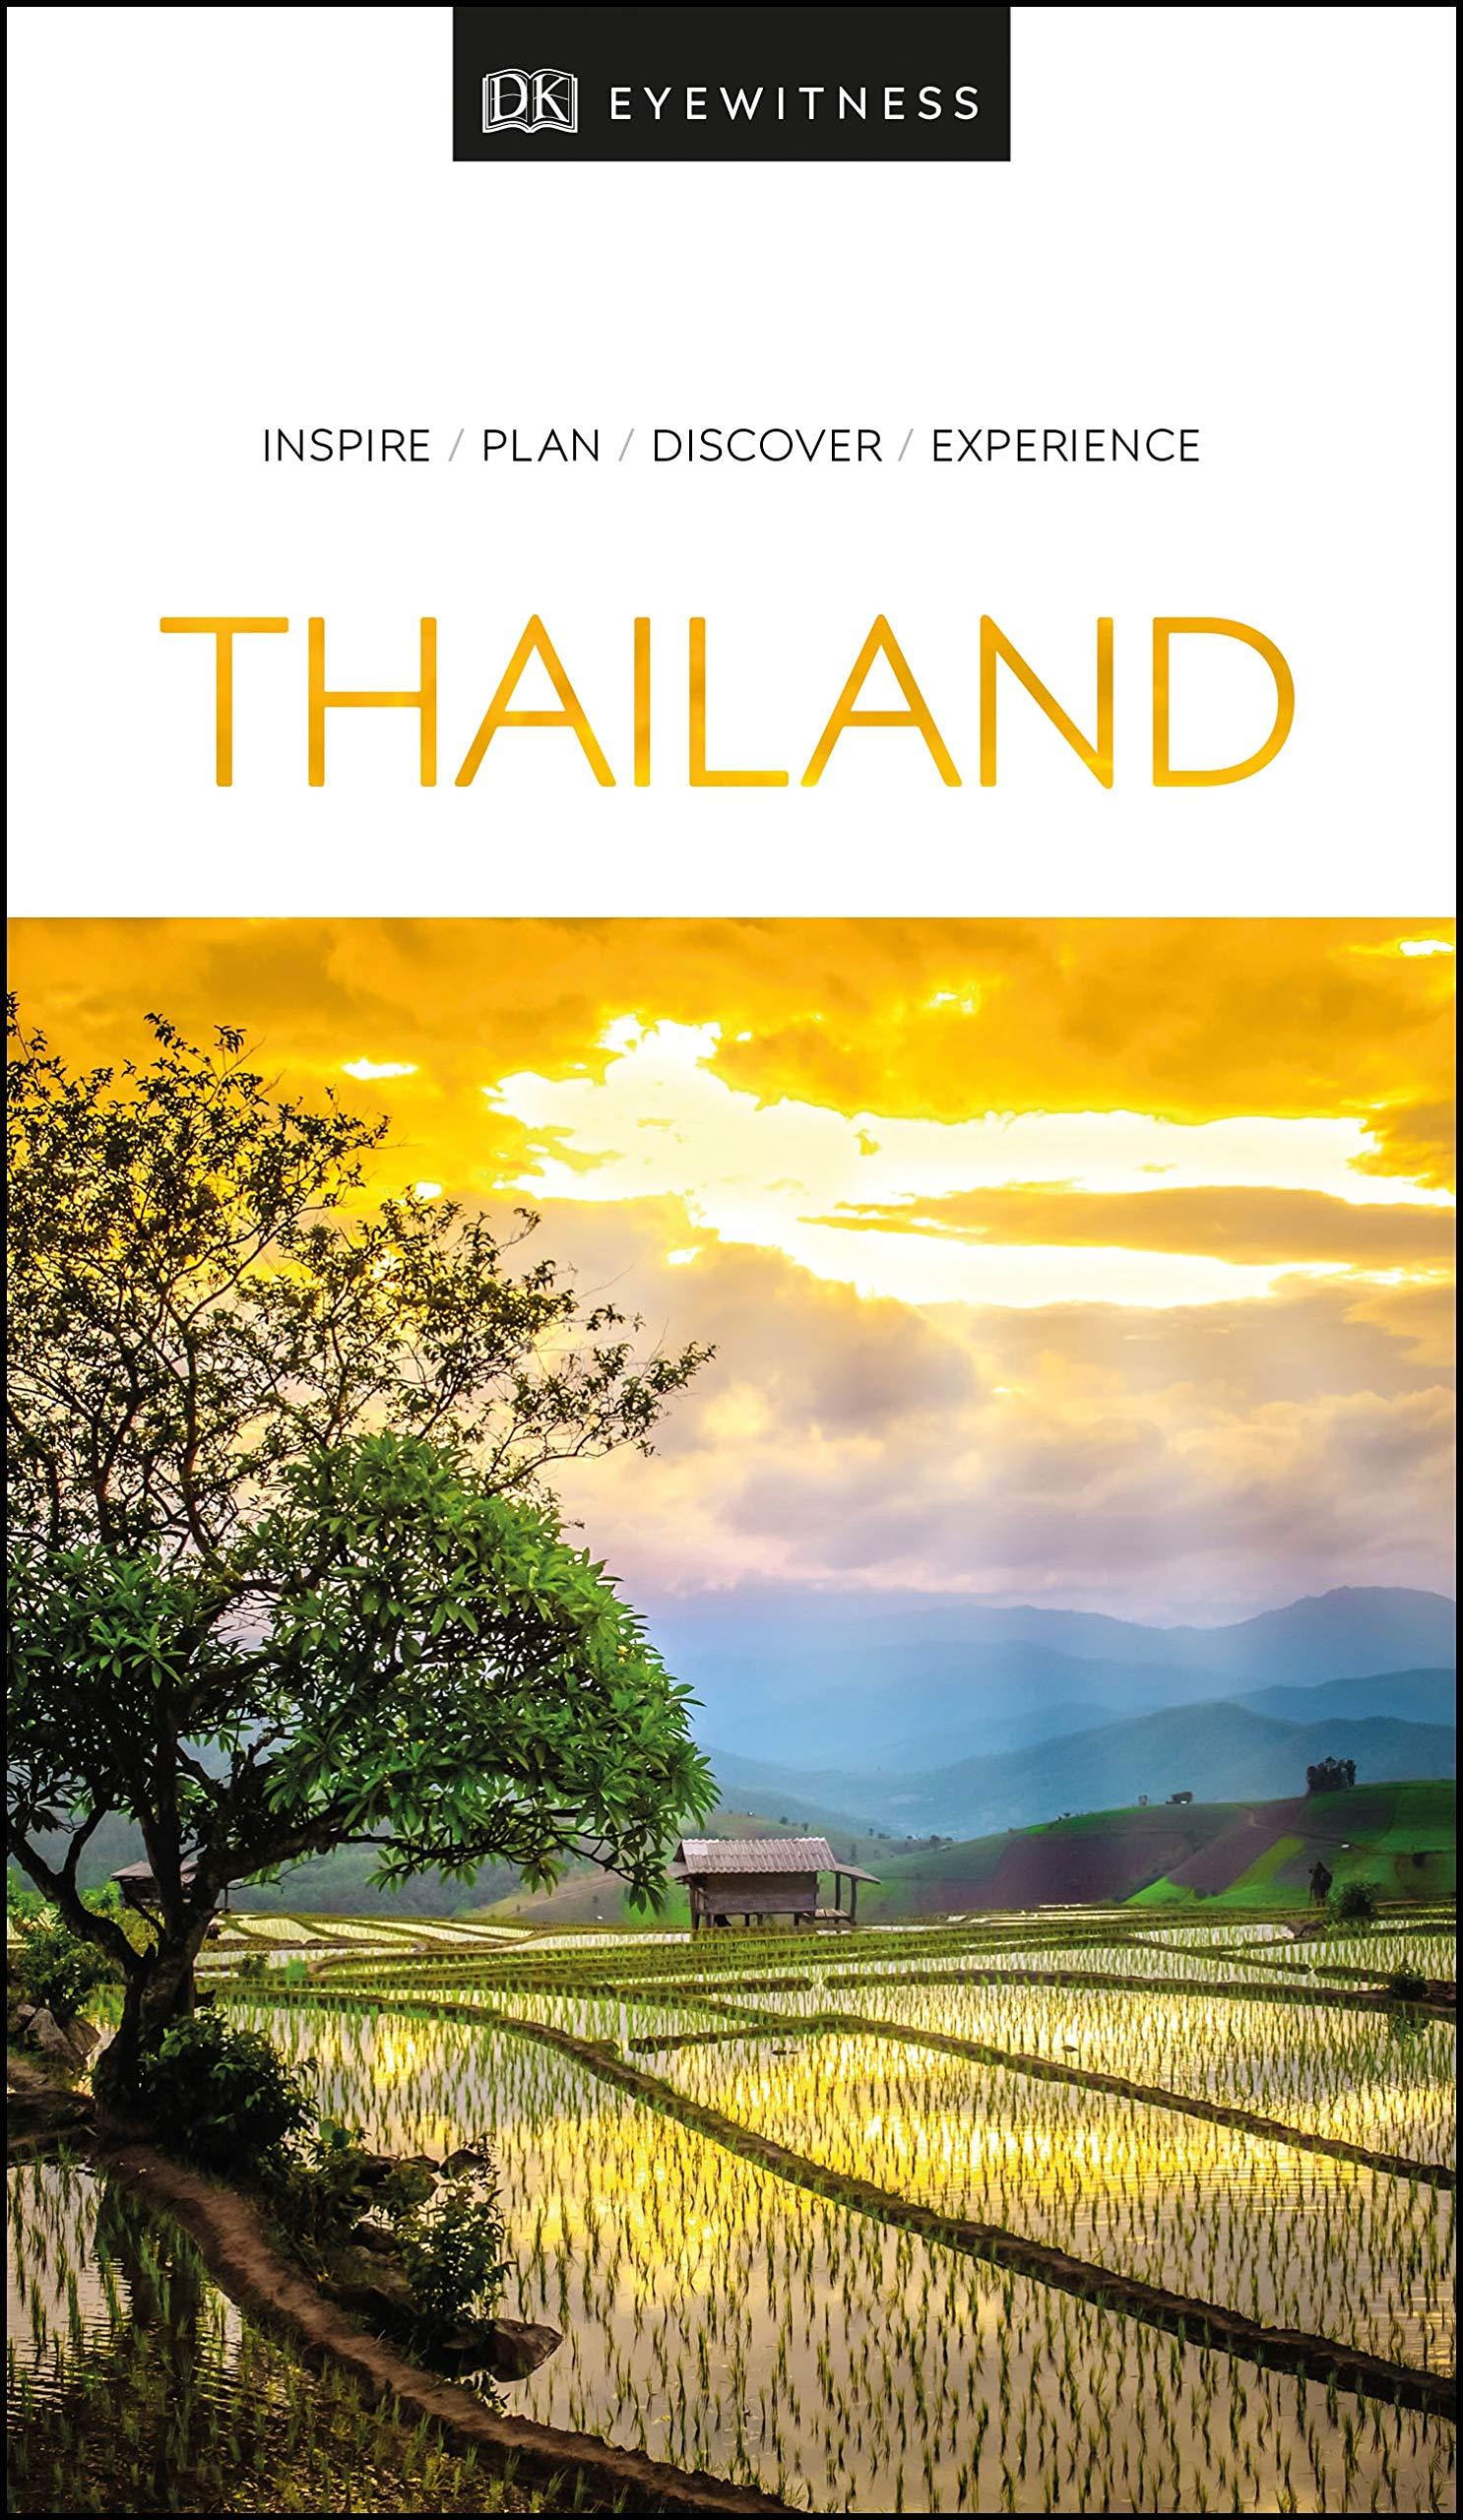 מדריך באנגלית DK תאילנד